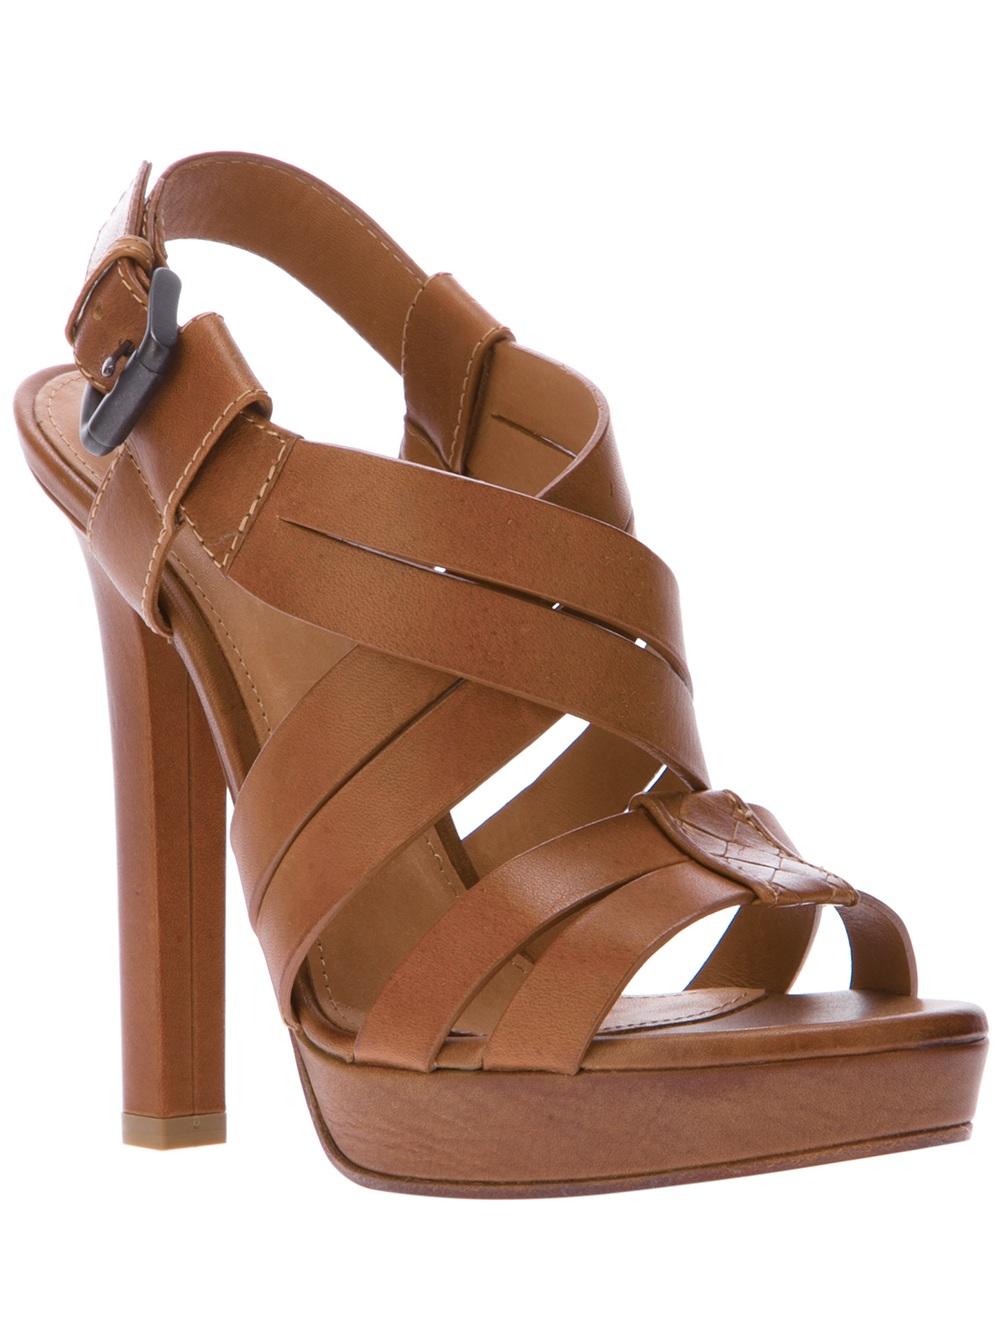 Bottega Veneta Strappy Sandals In Brown Tan Lyst